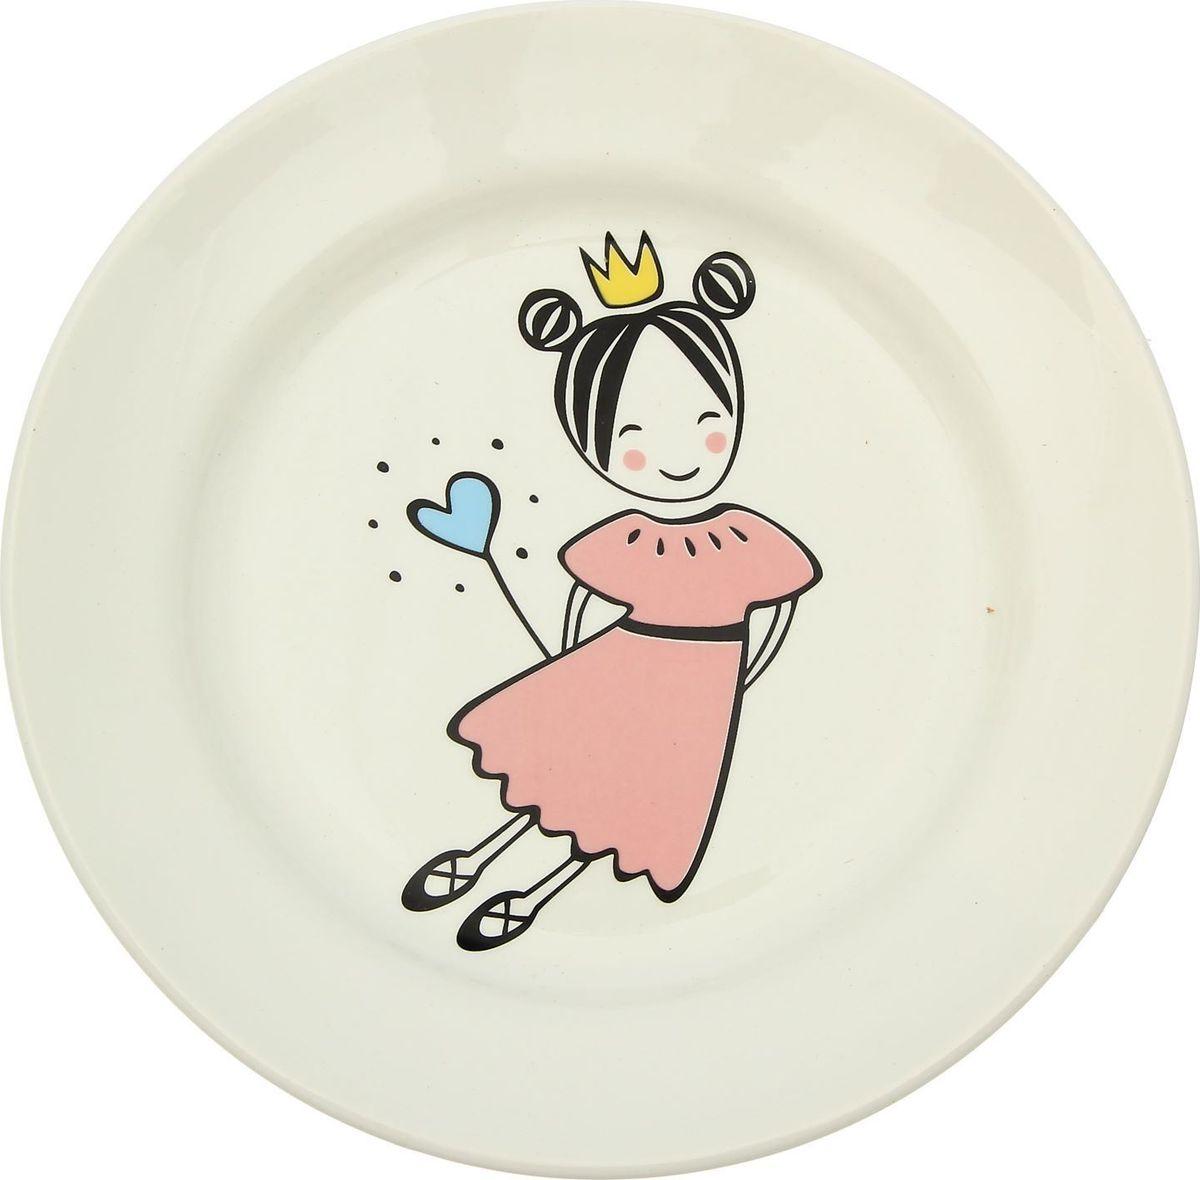 Тарелка Сотвори Чудо Маленькая королева с бортами, диаметр 20 см2470639Хотите обновить интерьер кухни или гостиной? Устраиваете необычную фотосессию или тематический праздник? А может, просто ищете подарок для близкого человека? Посуда « Сотвори Чудо» — правильный выбор в любой ситуации. Её достоинства: изящный фаянс нежного сливочного цвета; стойкость краски; пригодность для посудомоечных машин.